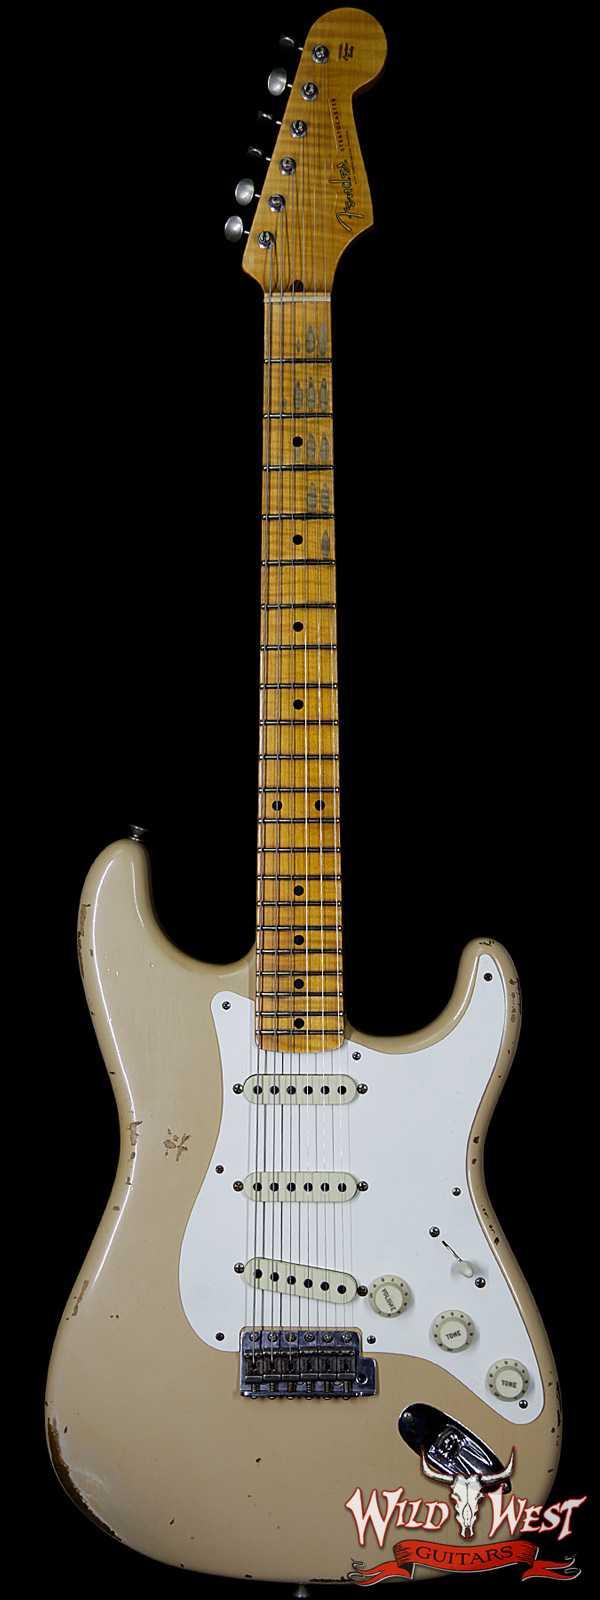 Fender Custom Shop Summer Event LTD Fat 50s Stratocaster Relic Flame Maple Neck Aged Desert Sand